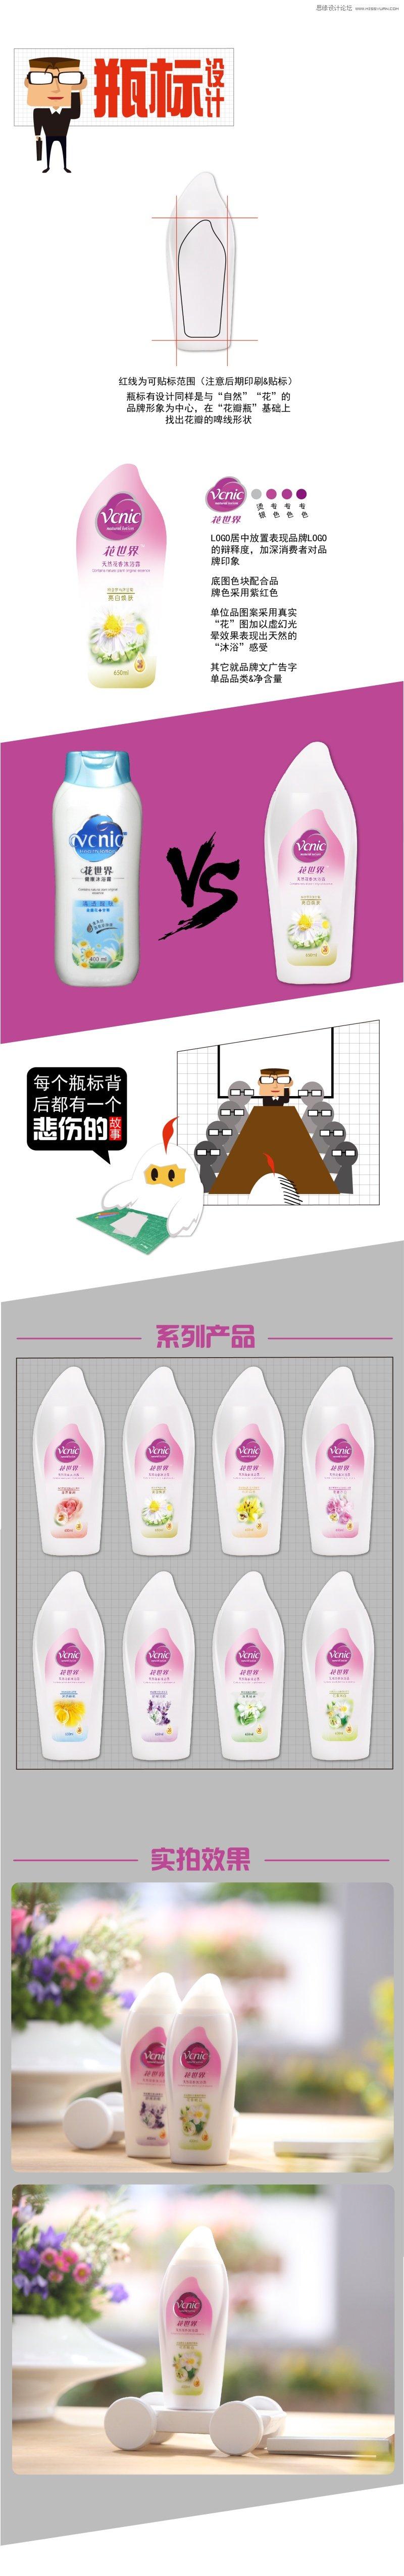 詳細解析花世界沐浴產品新包裝詳解